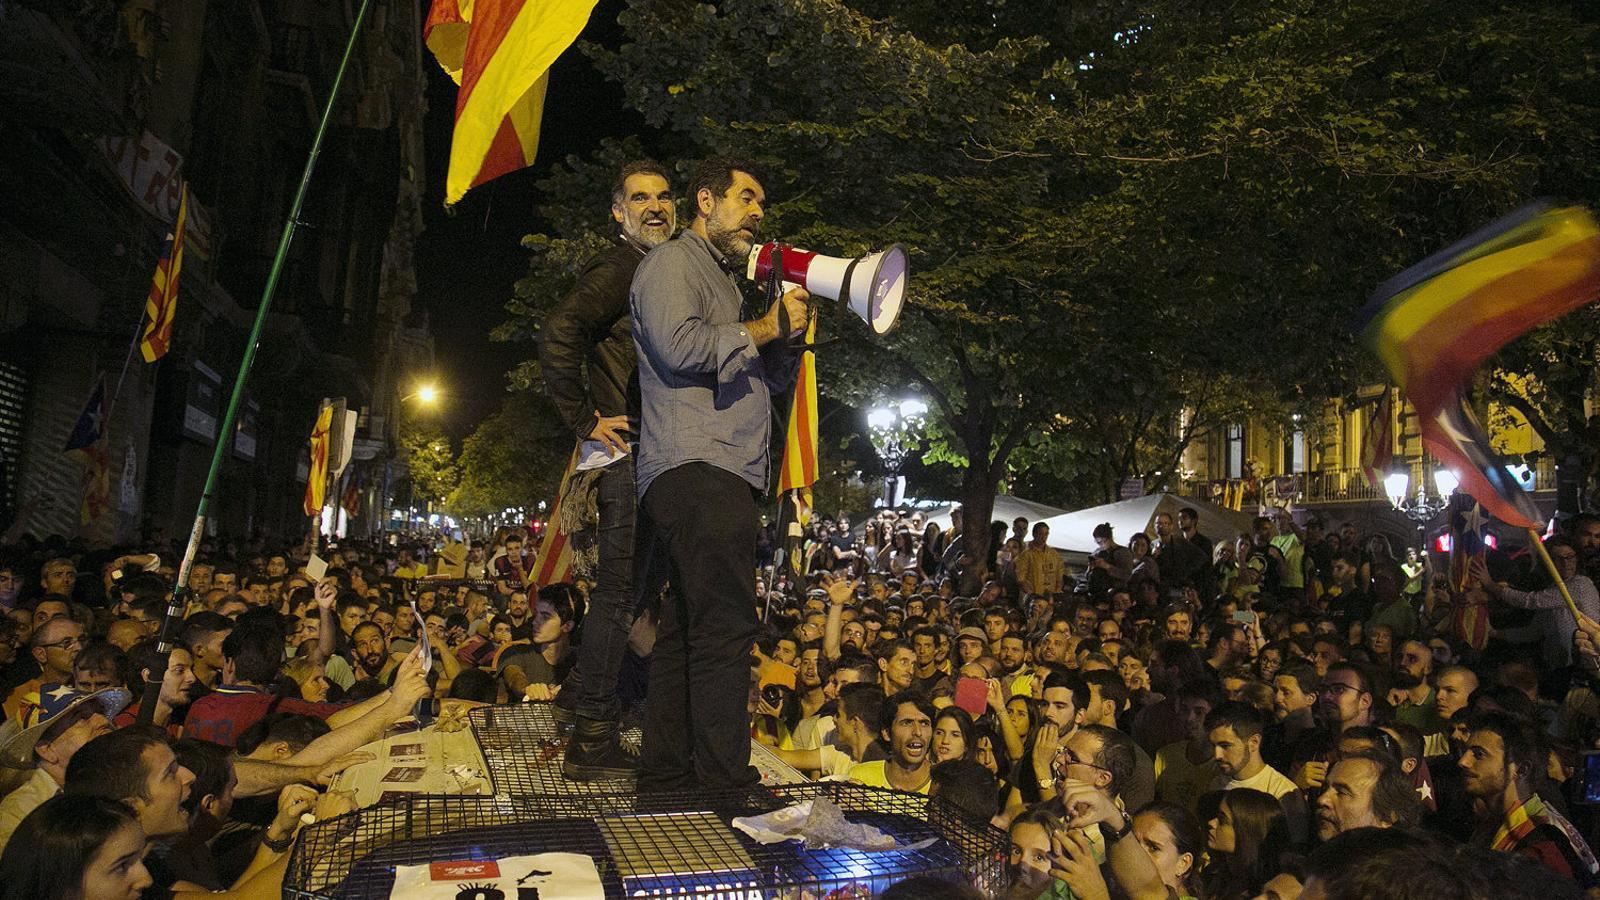 Cuixart i Sànchez van pujar a sobre  el cotxe per desconvocar la mobilització.